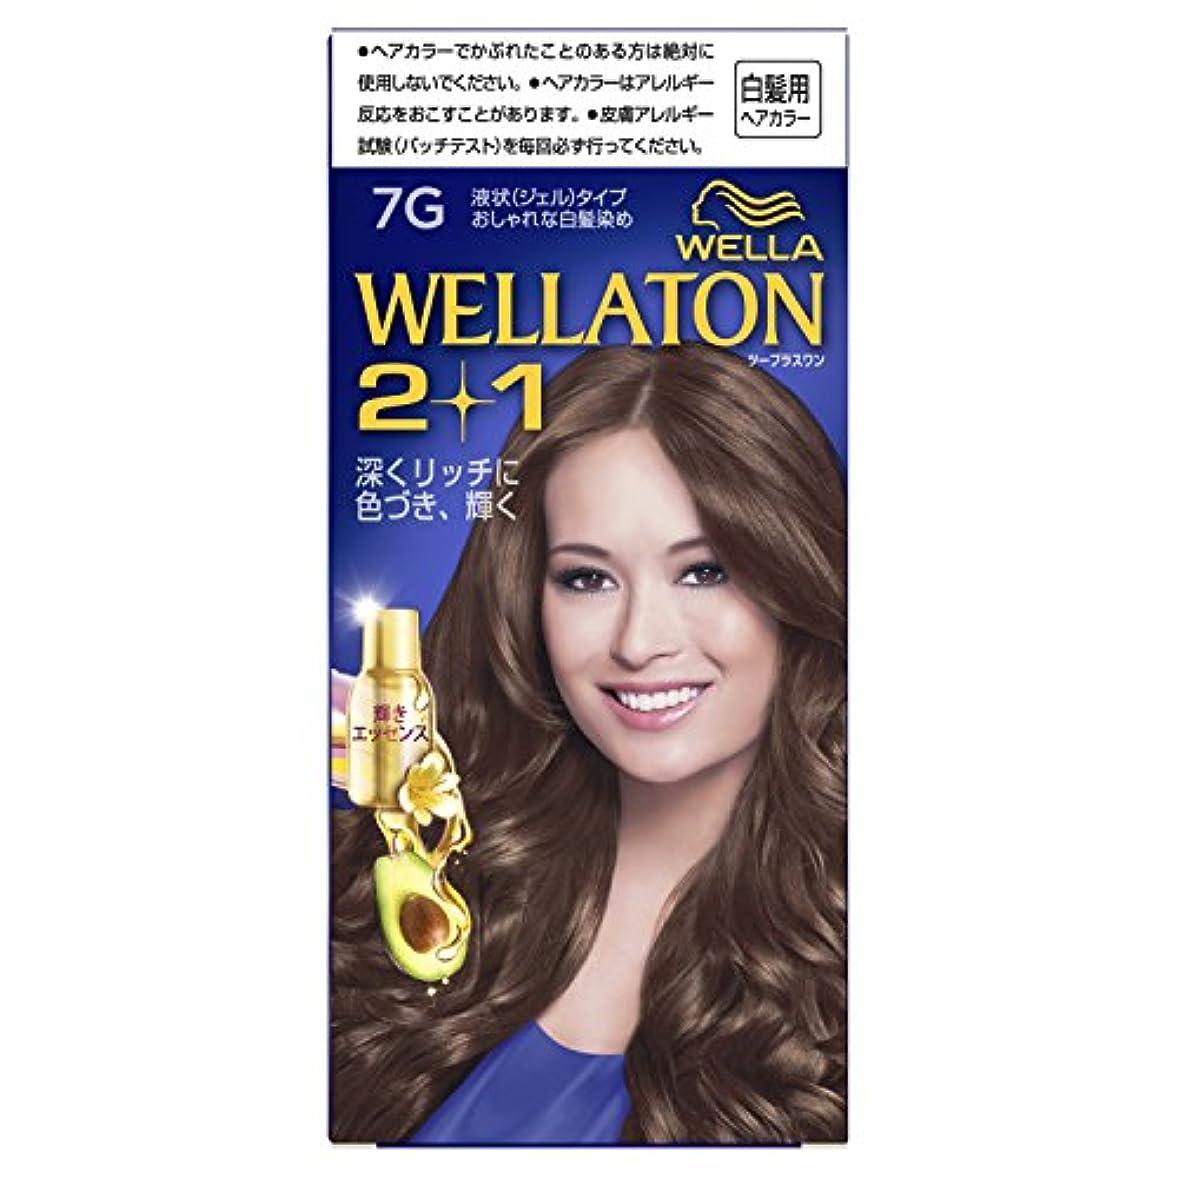 同種の訴える説得力のあるウエラトーン2+1 液状タイプ 7G [医薬部外品](おしゃれな白髪染め)